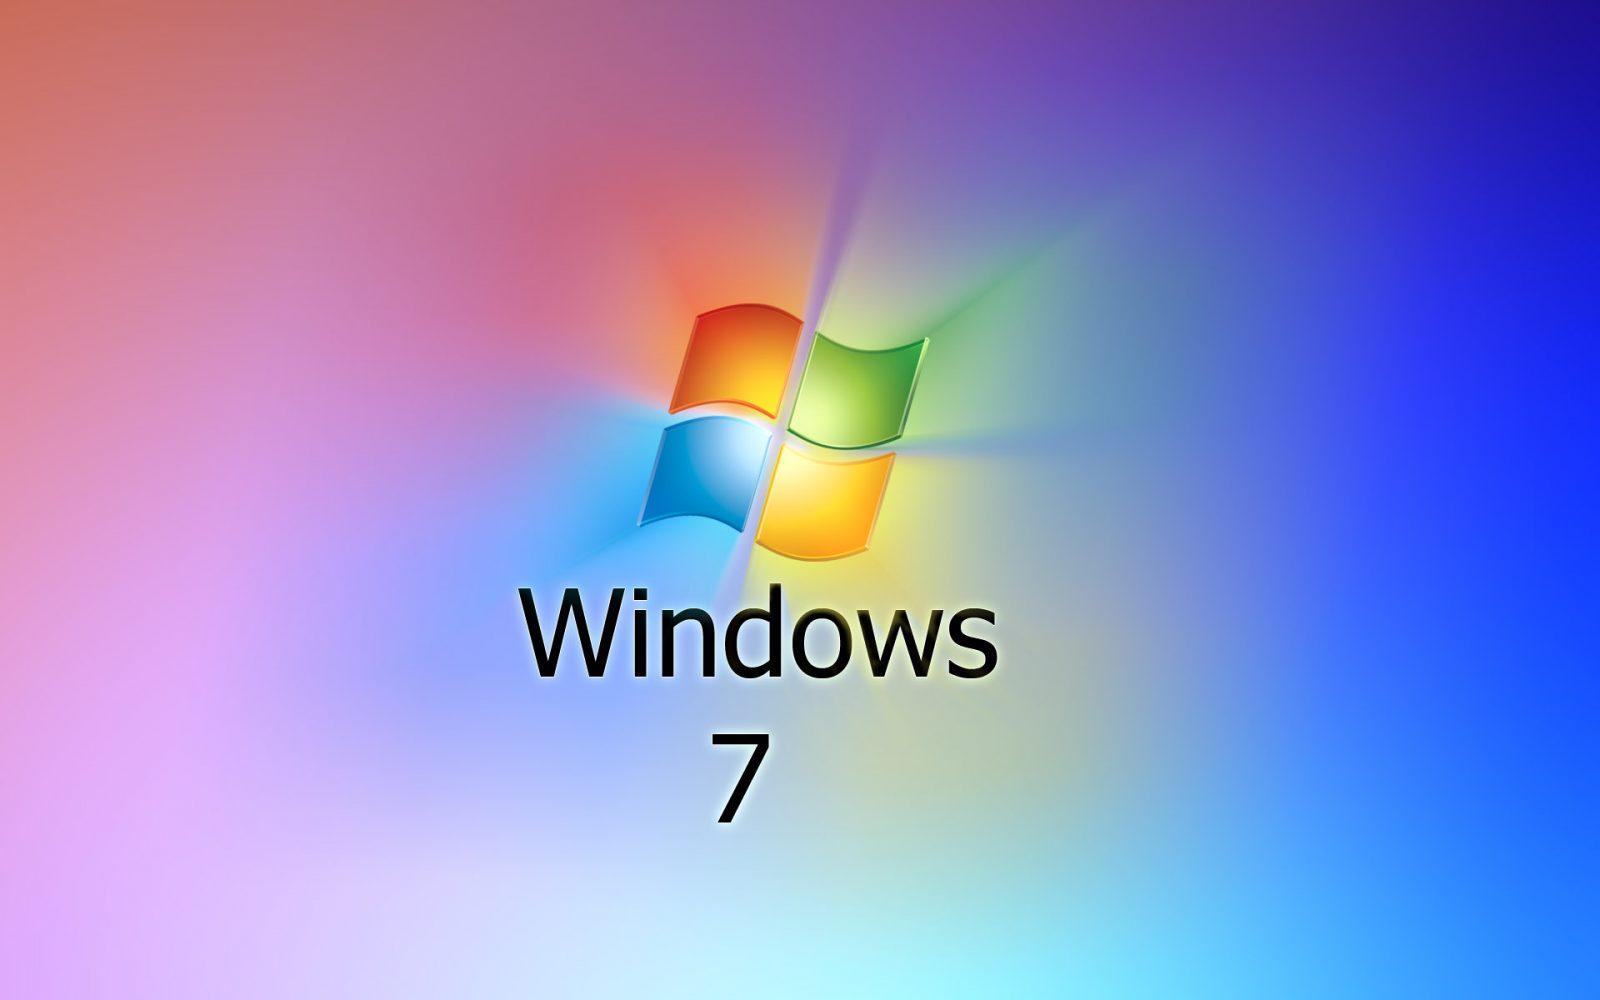 Windows 7 x64 на 1 гб RAM — будет ли работать? и что делать если нет?